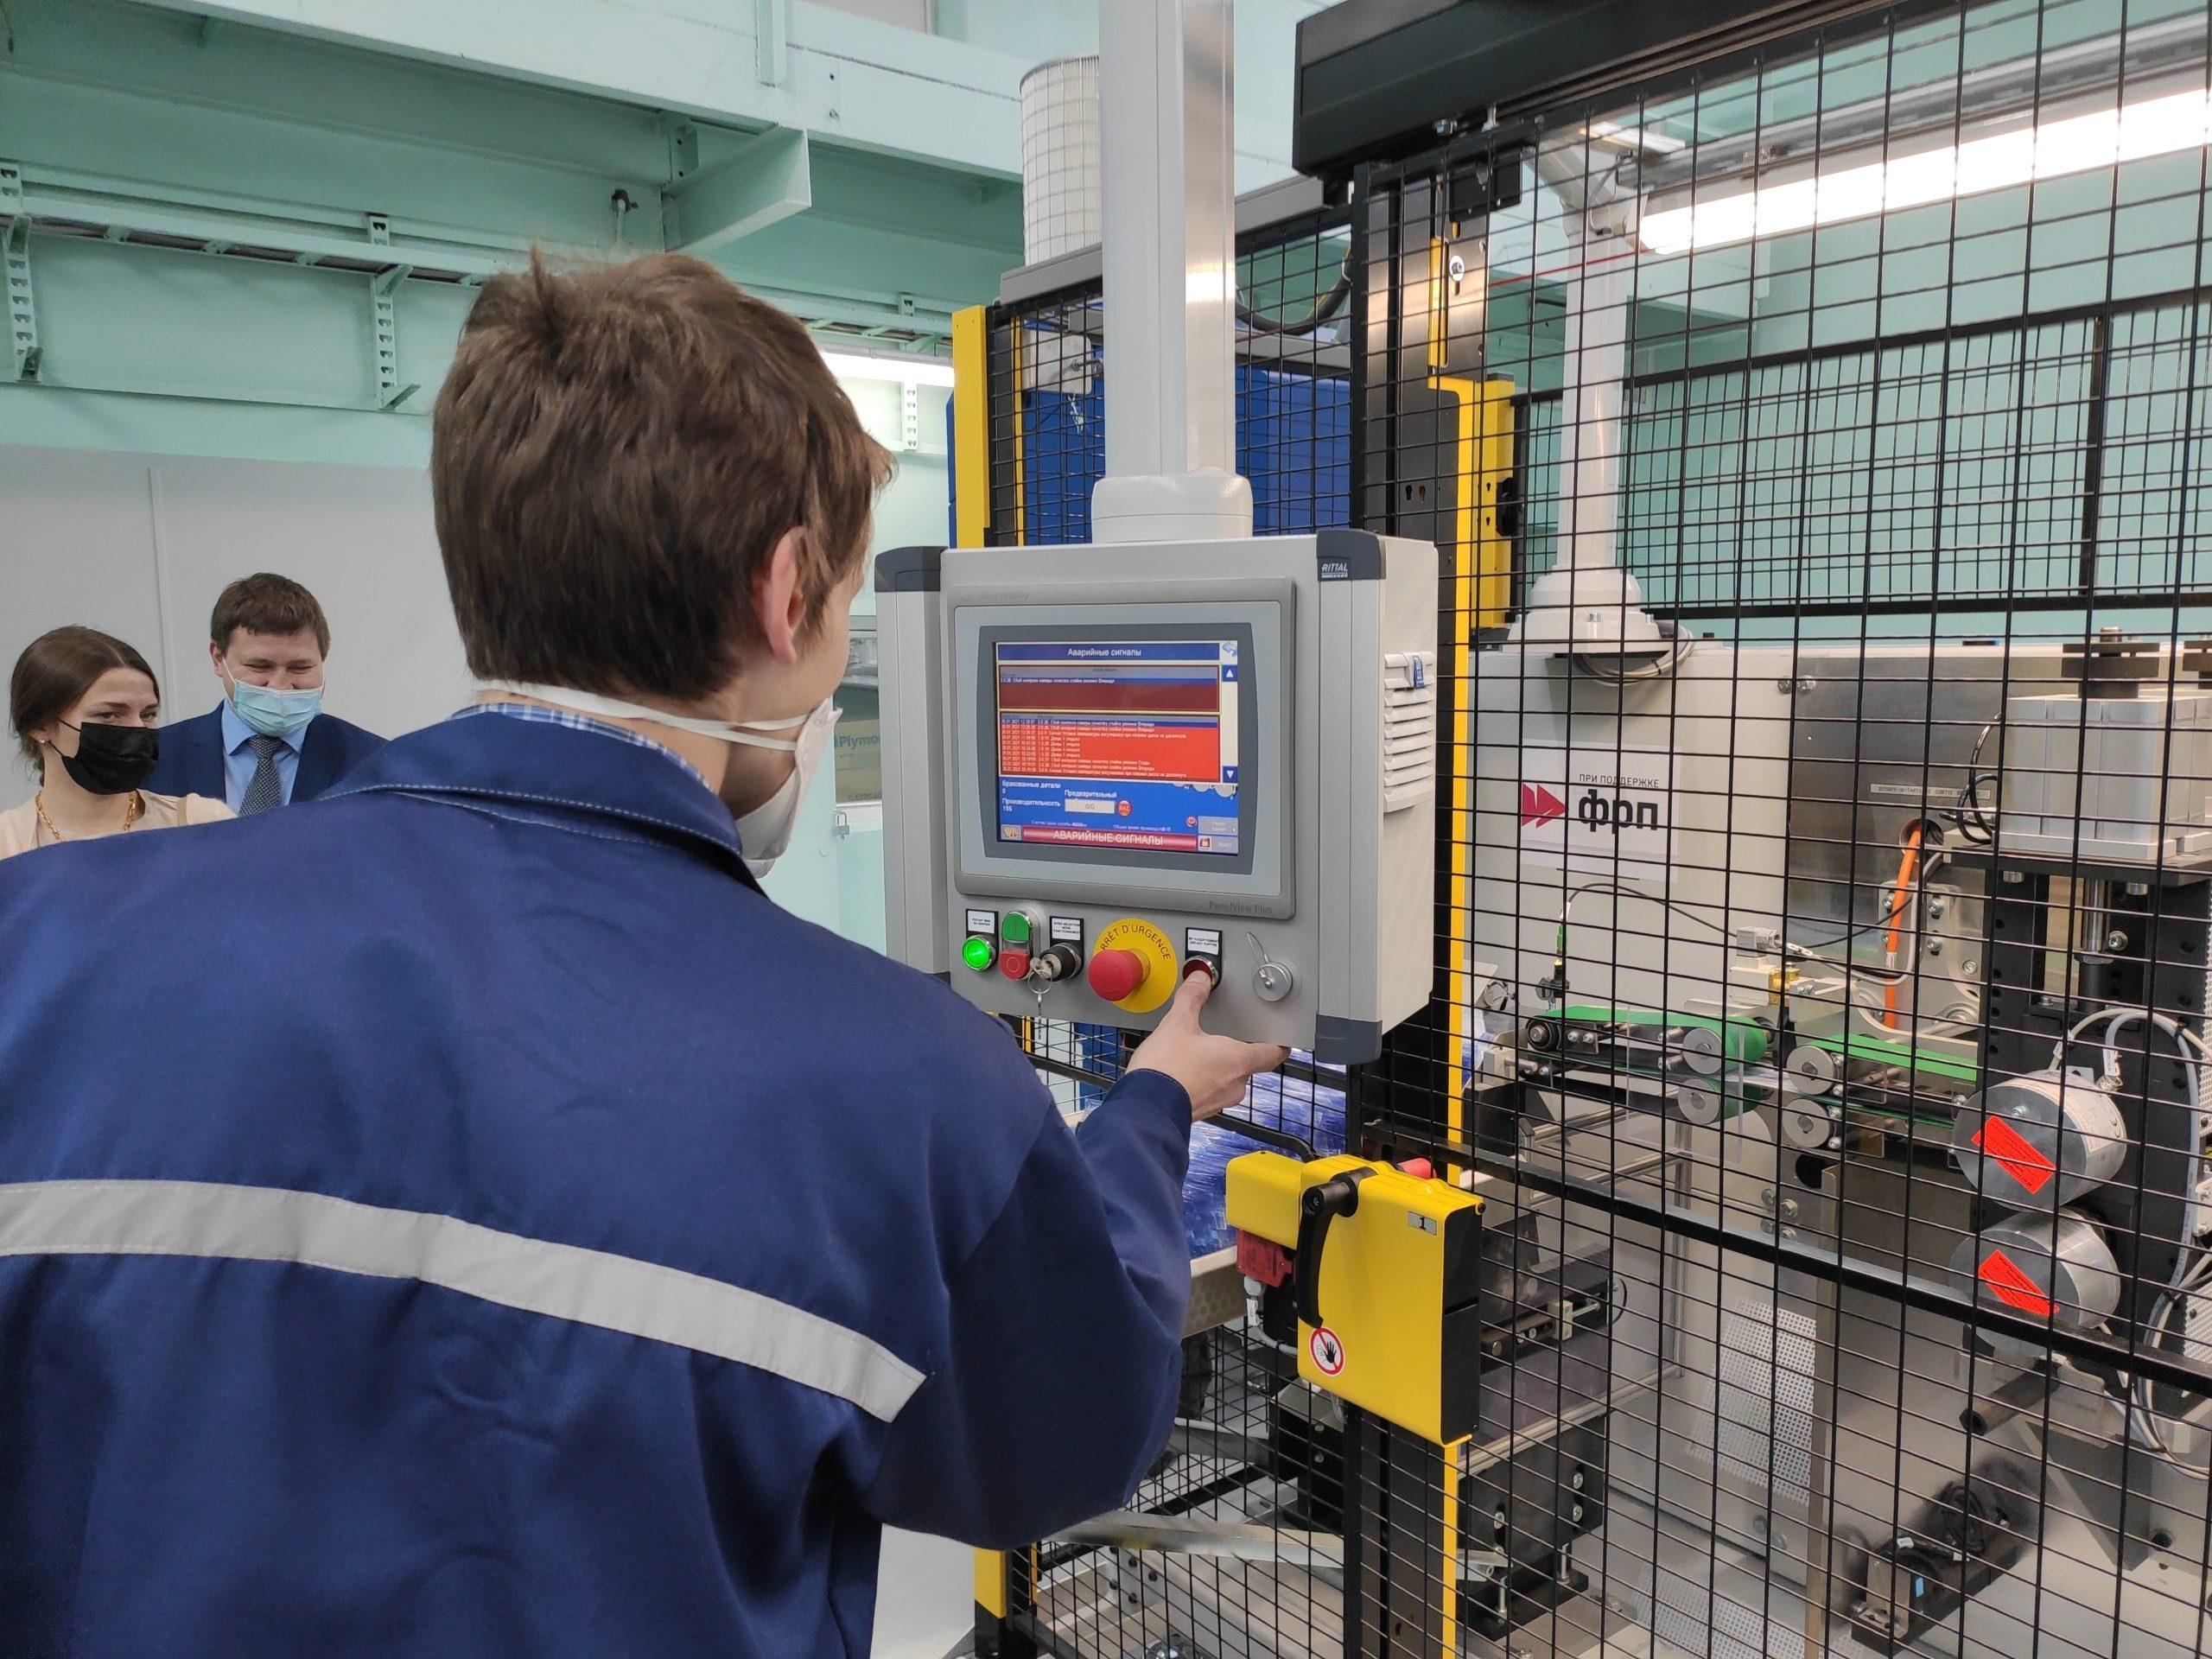 На Кимрской фабрике имени Горького через несколько секунд запустят новую производственную линию